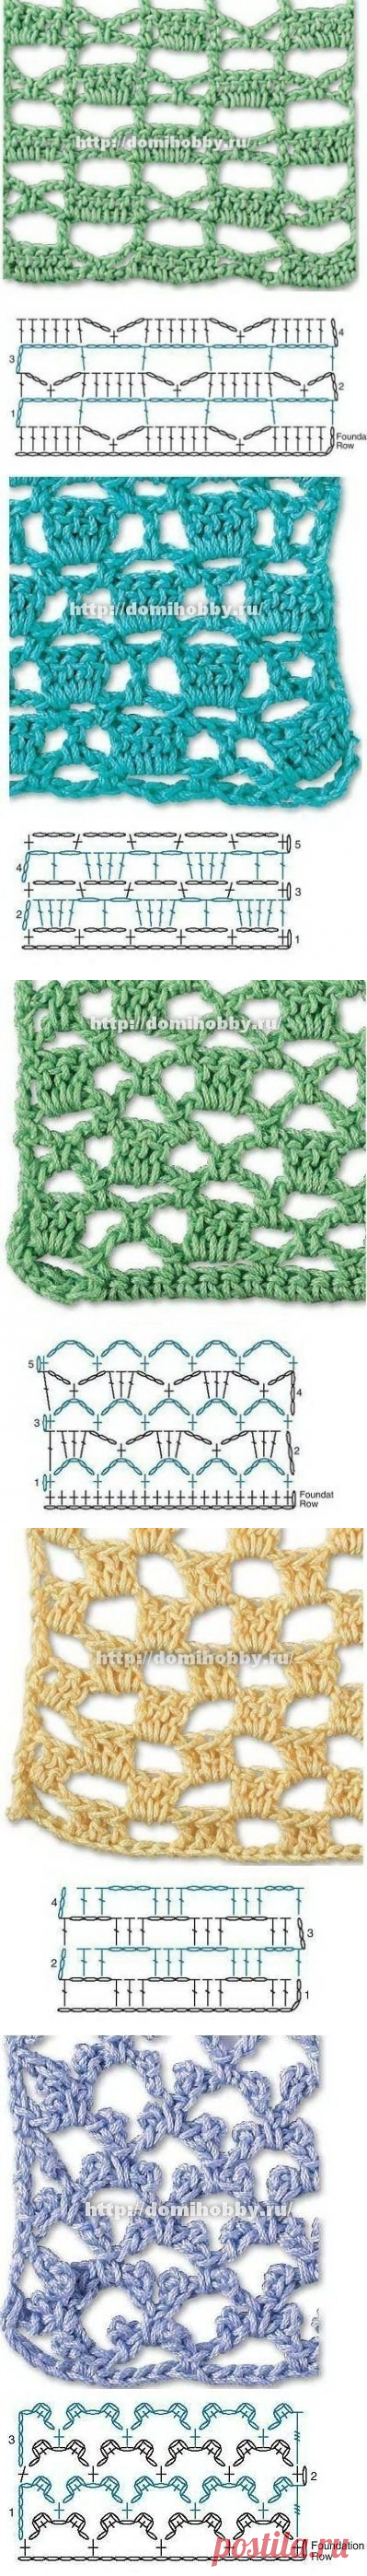 Узоры крючком для вязания летних вещей